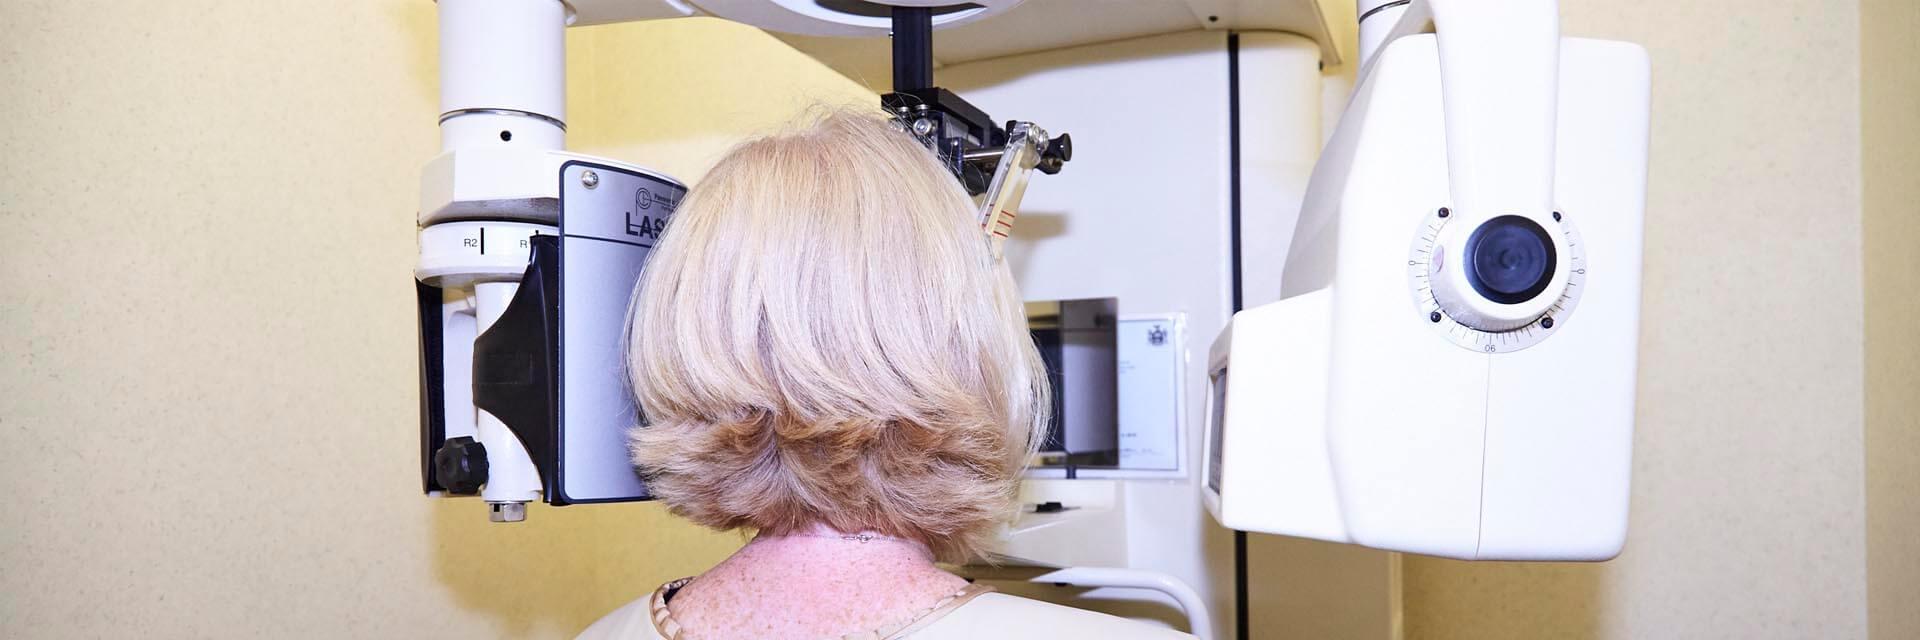 Dental Treatment Technology Massapequa NY